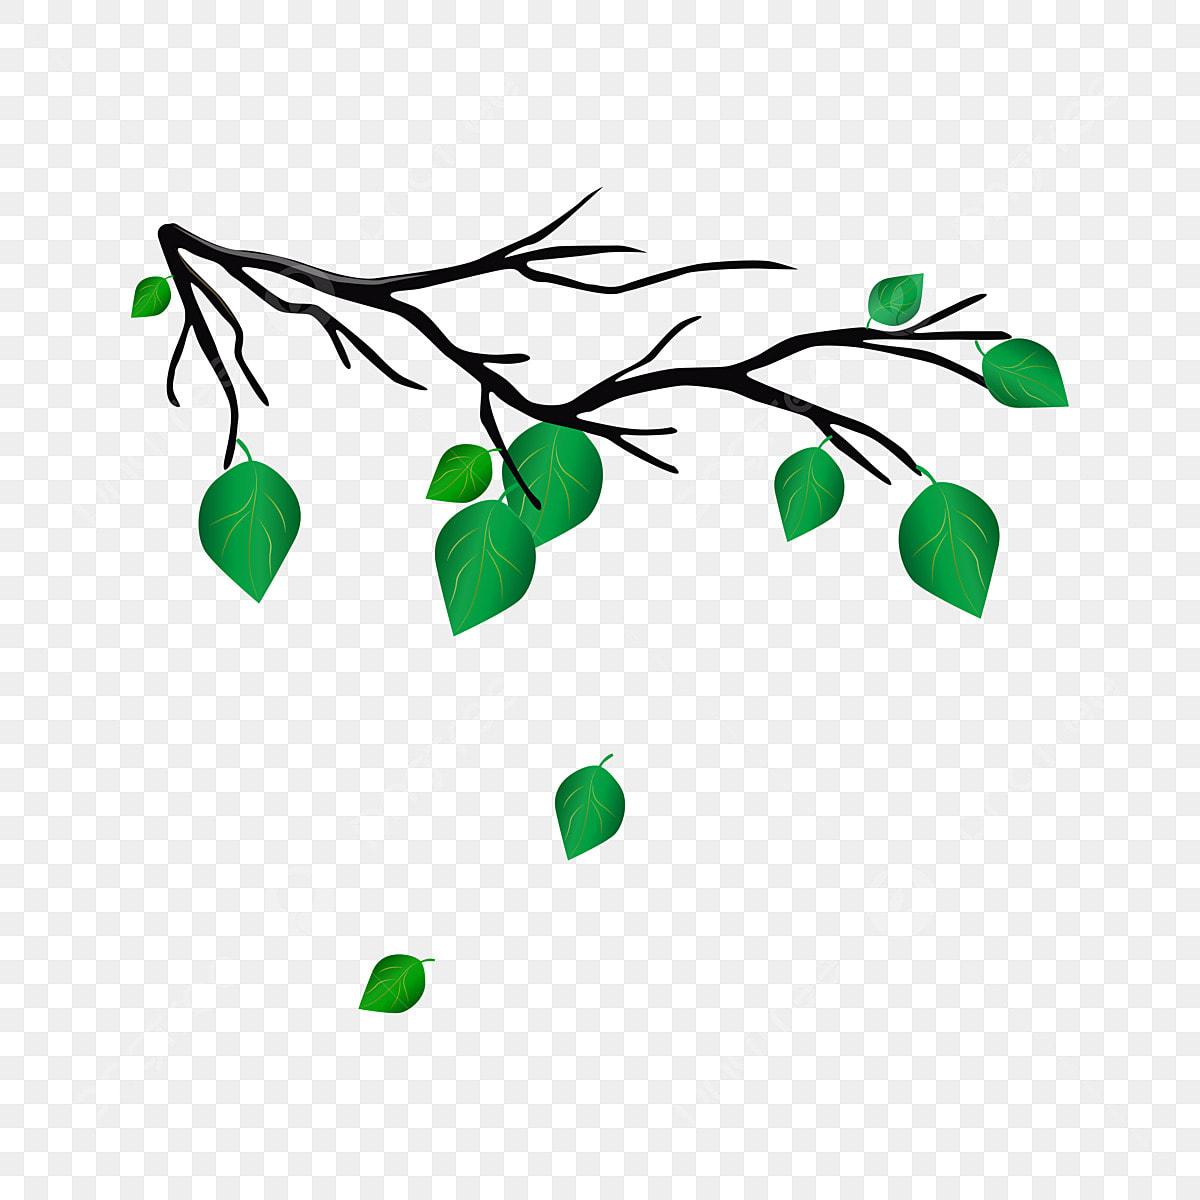 Gambar Pohon Anggur Rotan Keranjang Gantung Dedaunan Vektor Kartun Tanaman Anggur Png Dan Vektor Untuk Muat Turun Percuma